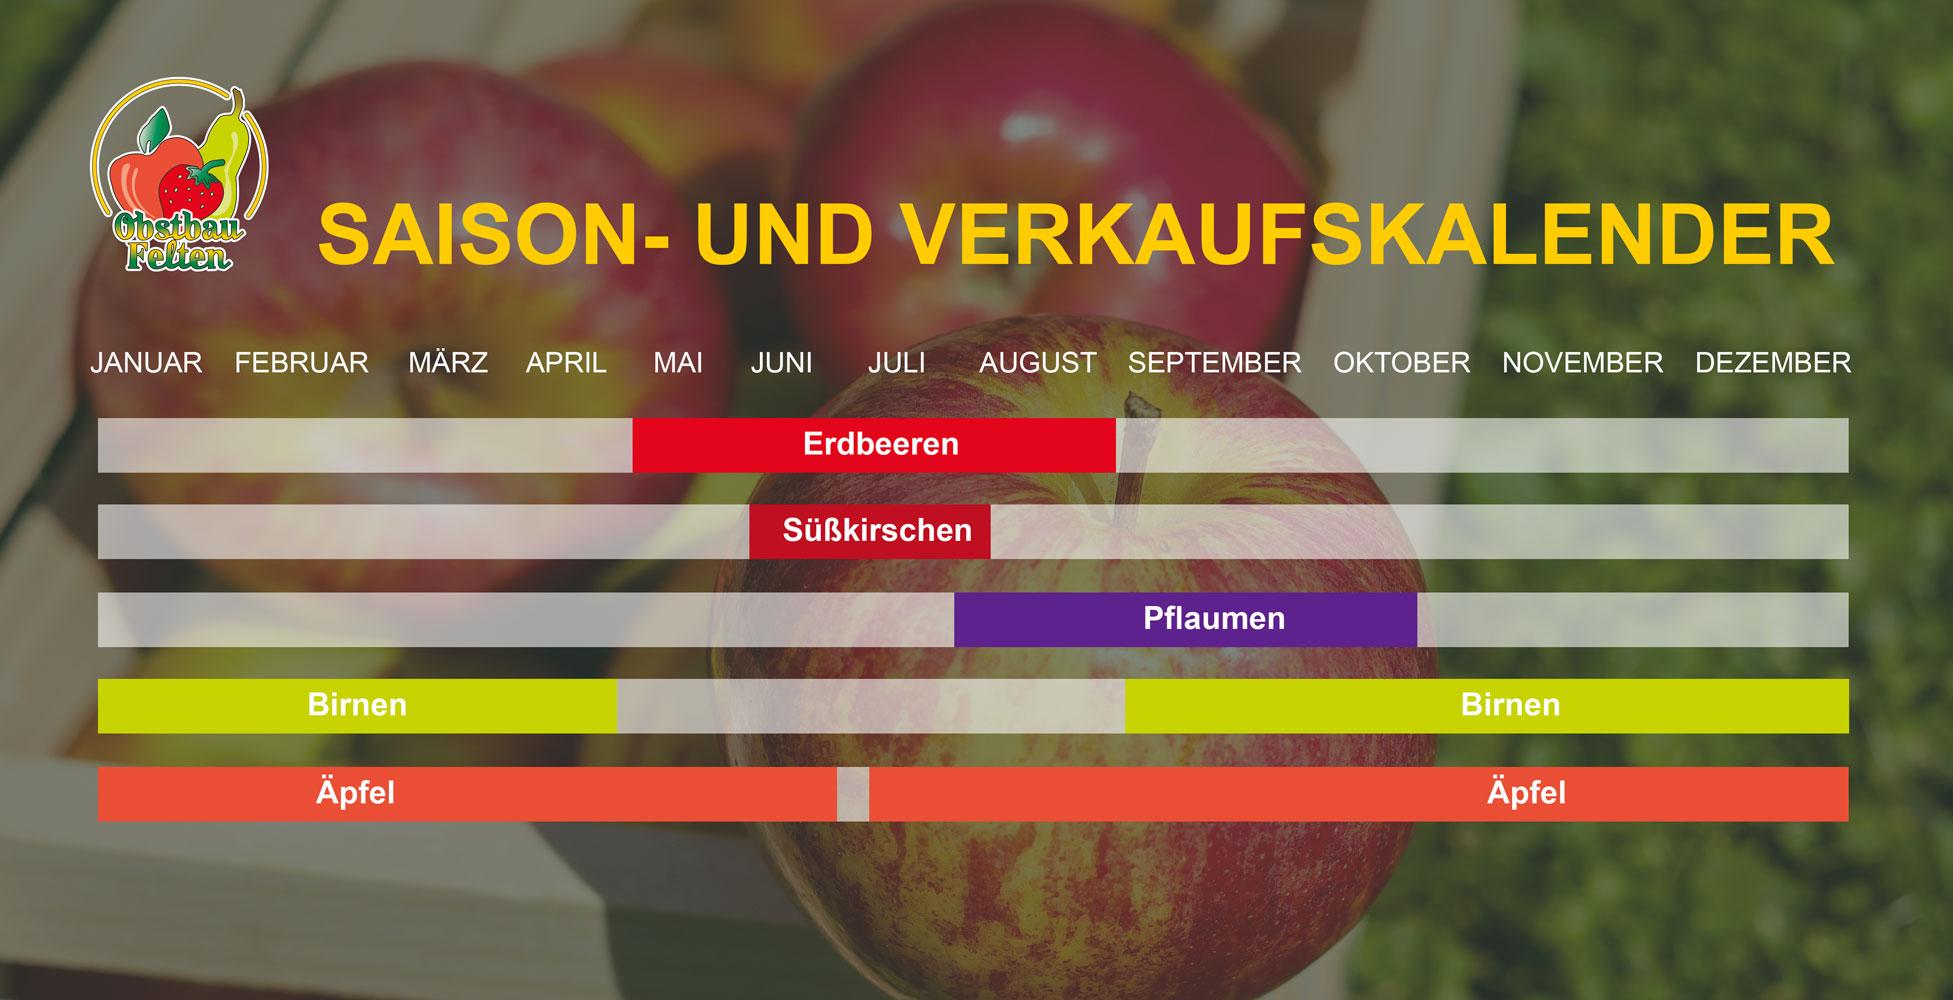 Saison- und Verkaufskalender Obst